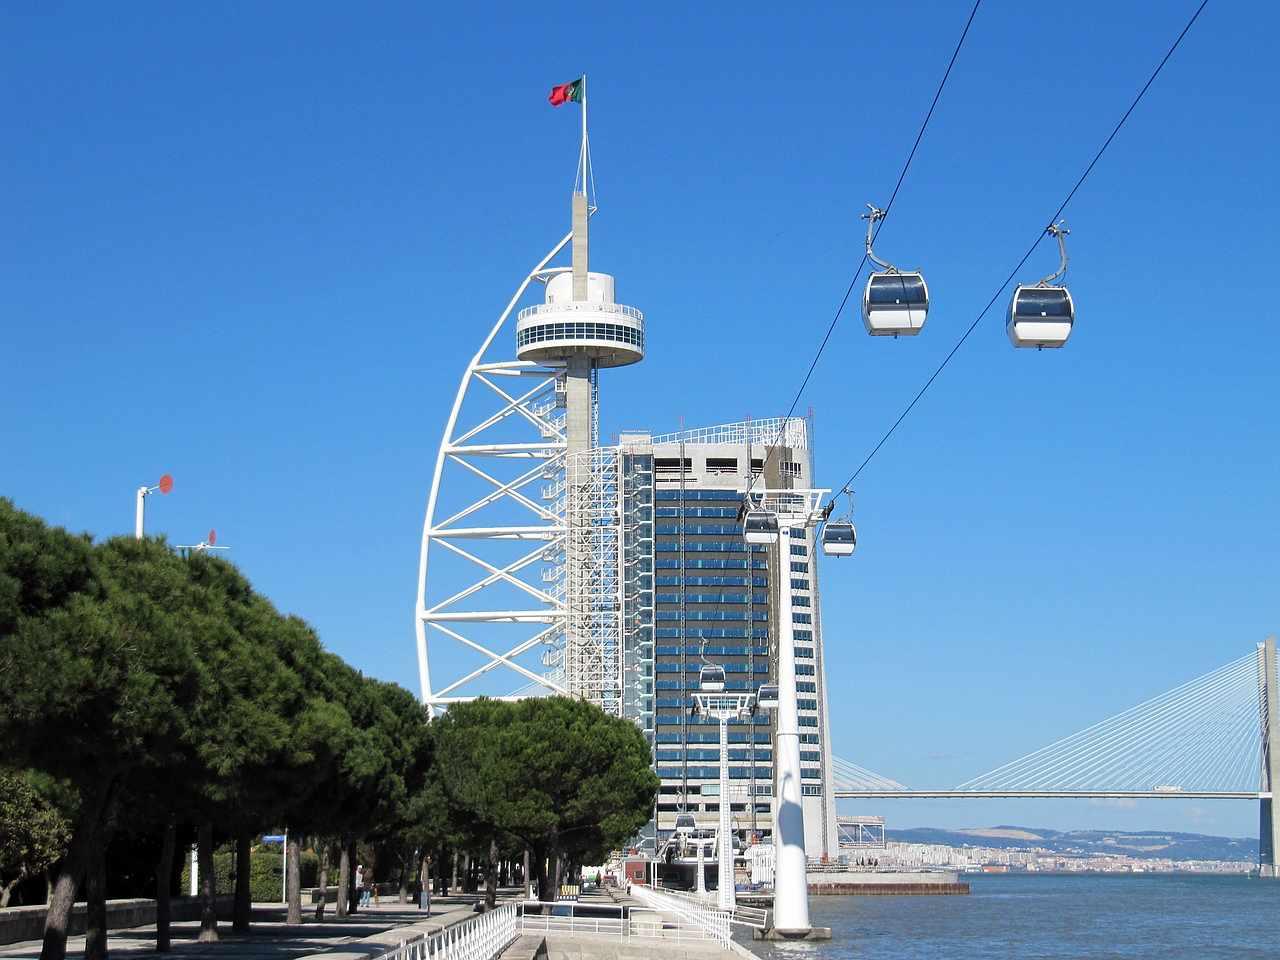 parque das nacoes lisboa 1 - Parque das Nações em Lisboa: o que fazer, como chegar e outras dicas